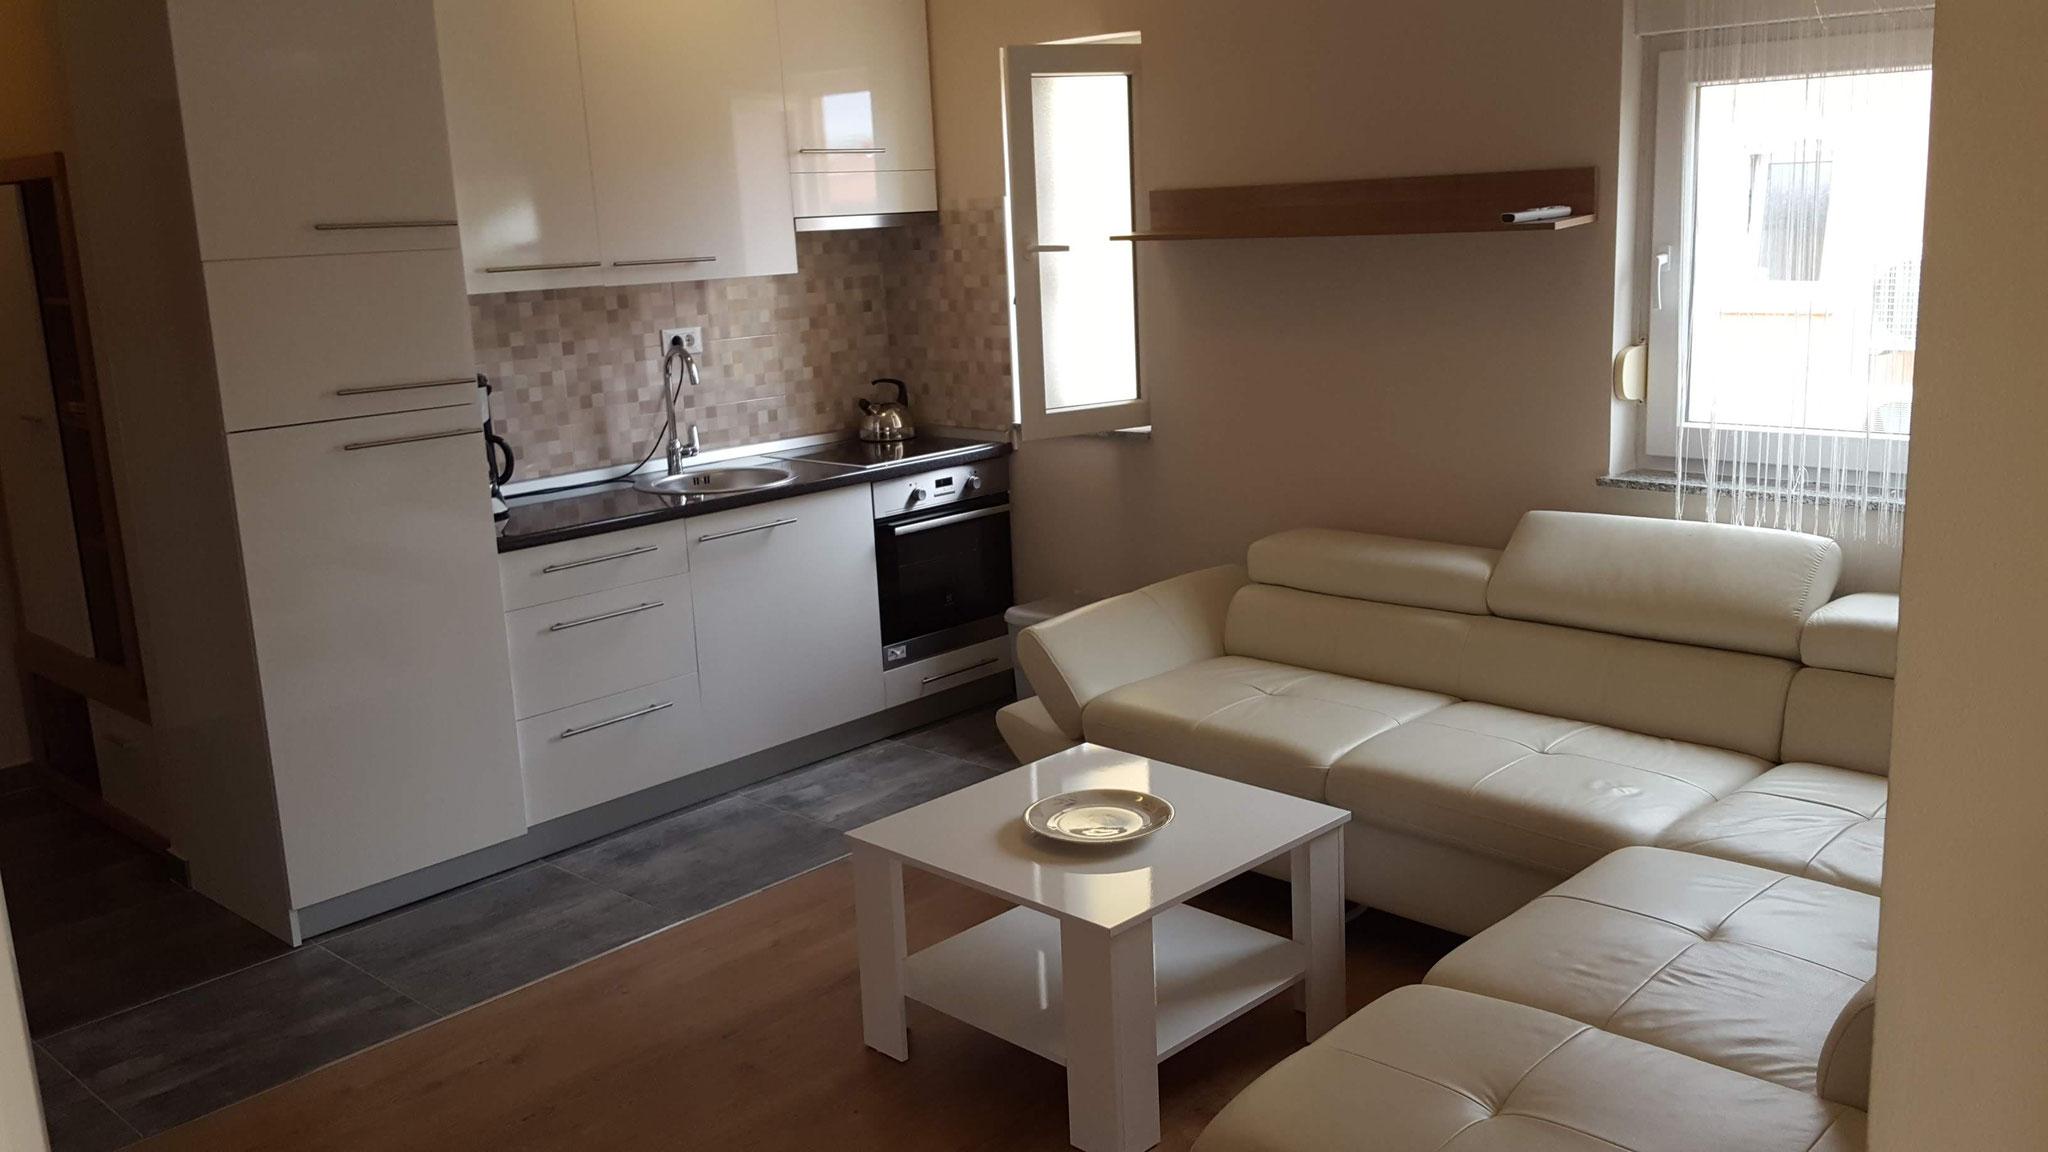 AP 3, Wohnraum mit Küche, neu renoviert 2017